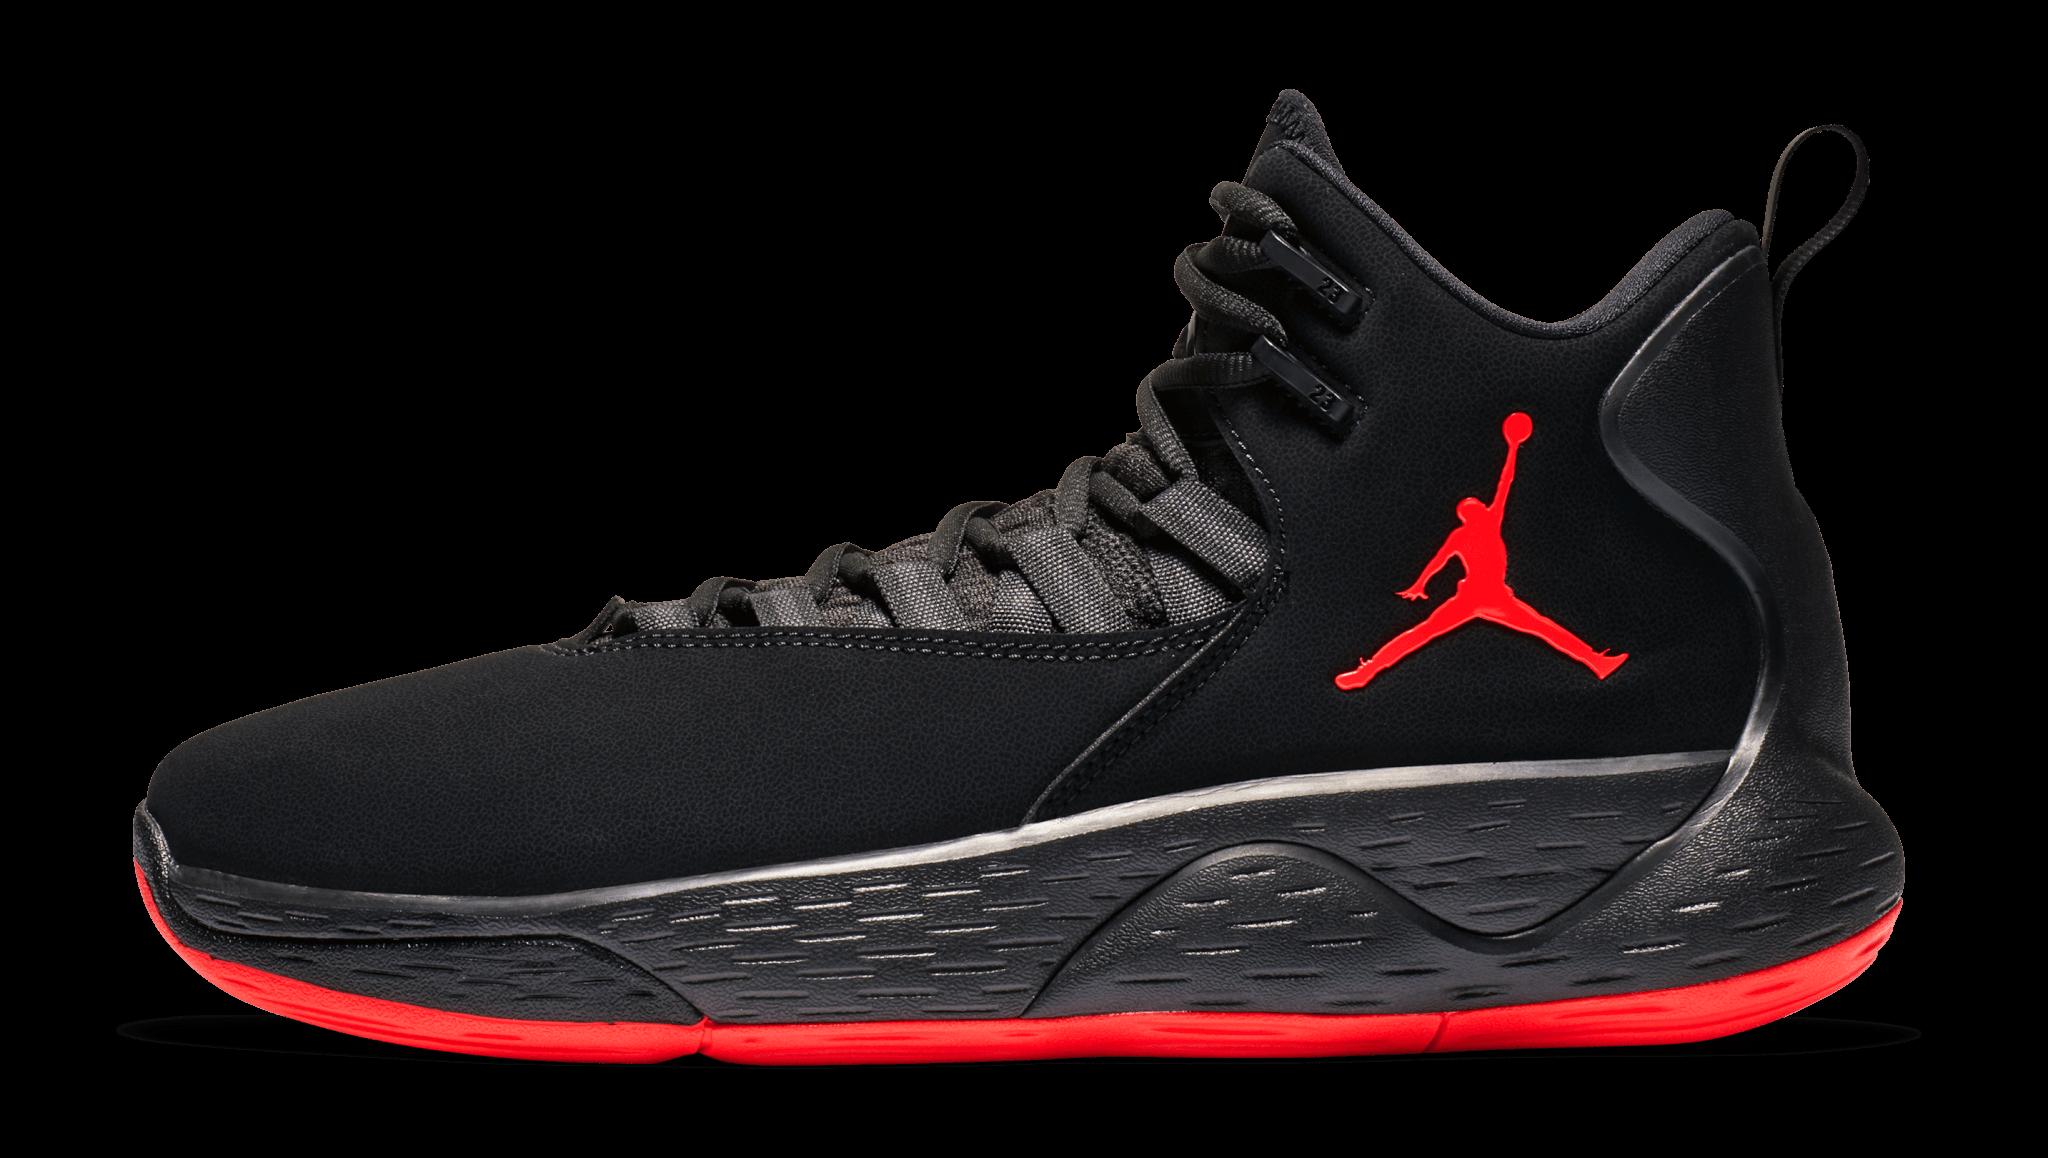 on sale 9d908 8ef40 Jordan Super.Fly MVP L Review